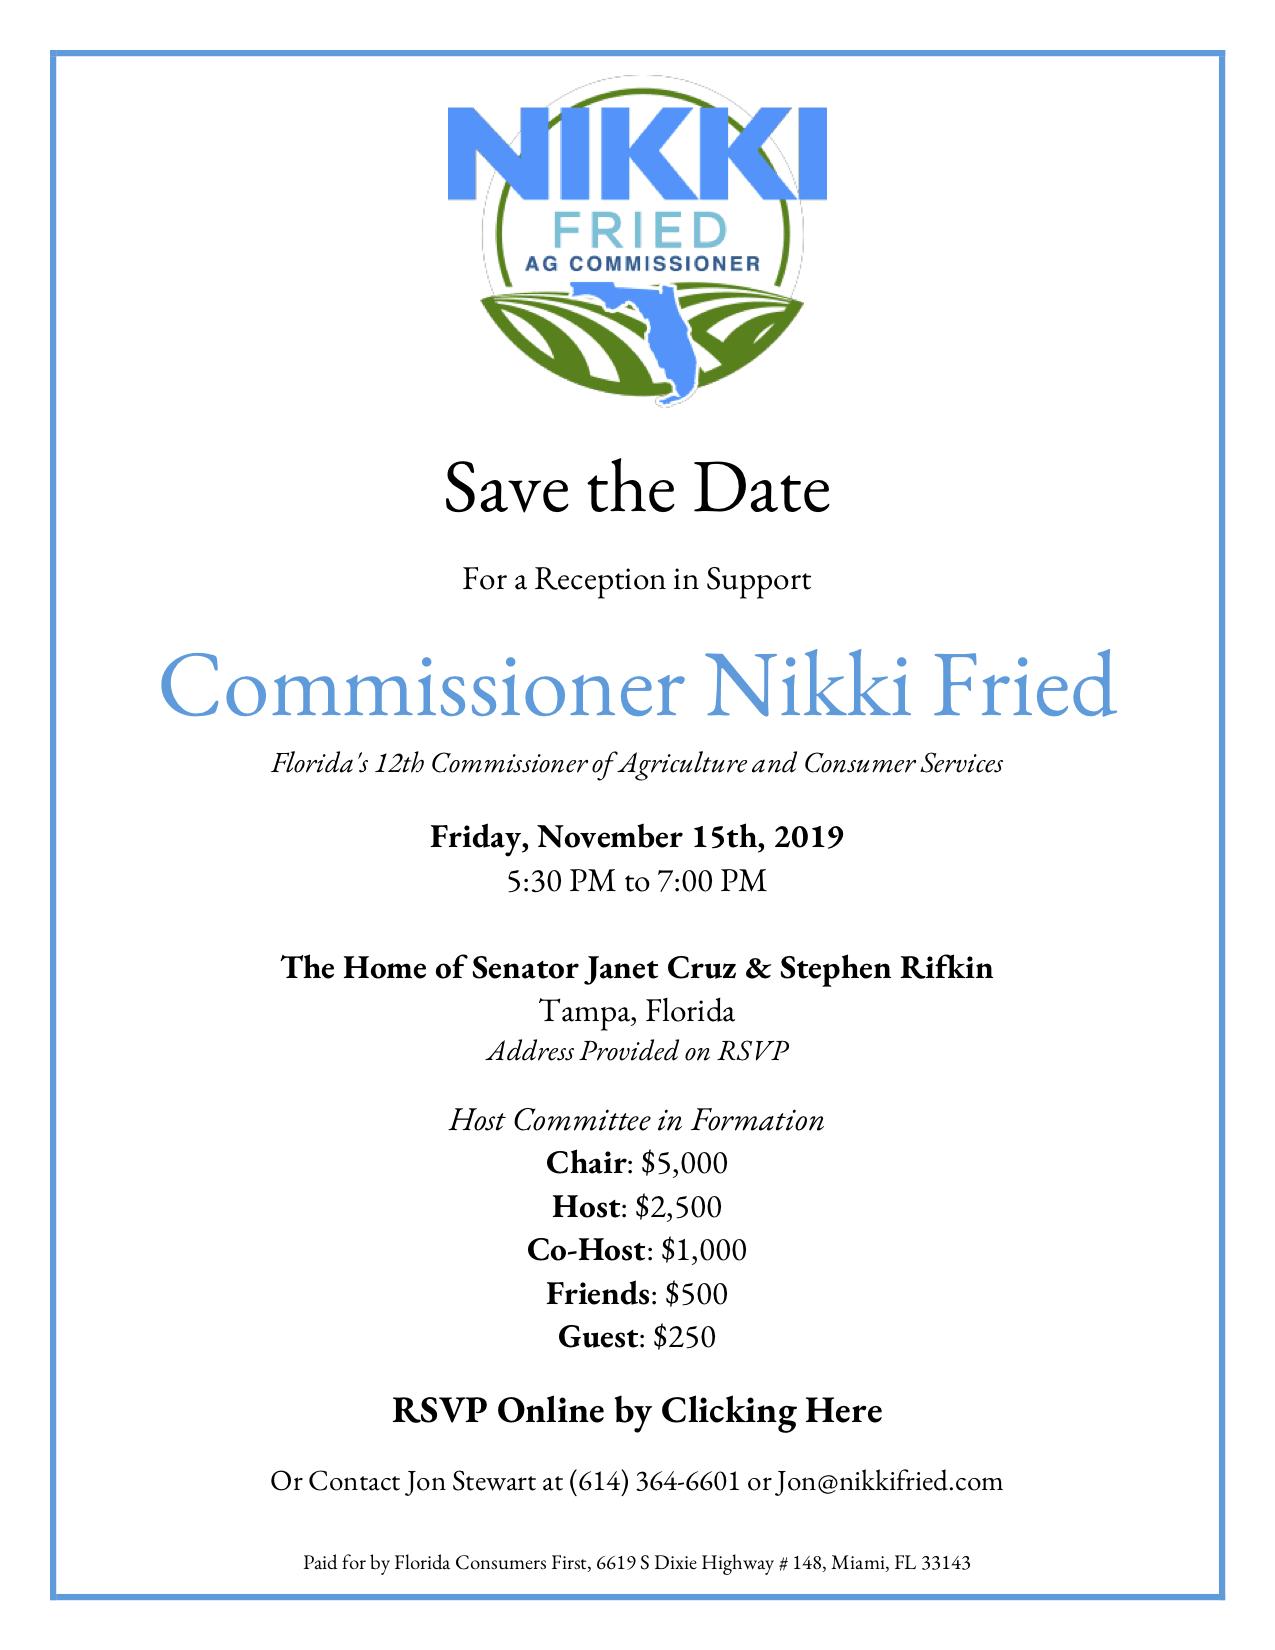 Fried Fundraiser invitation Nov, 15